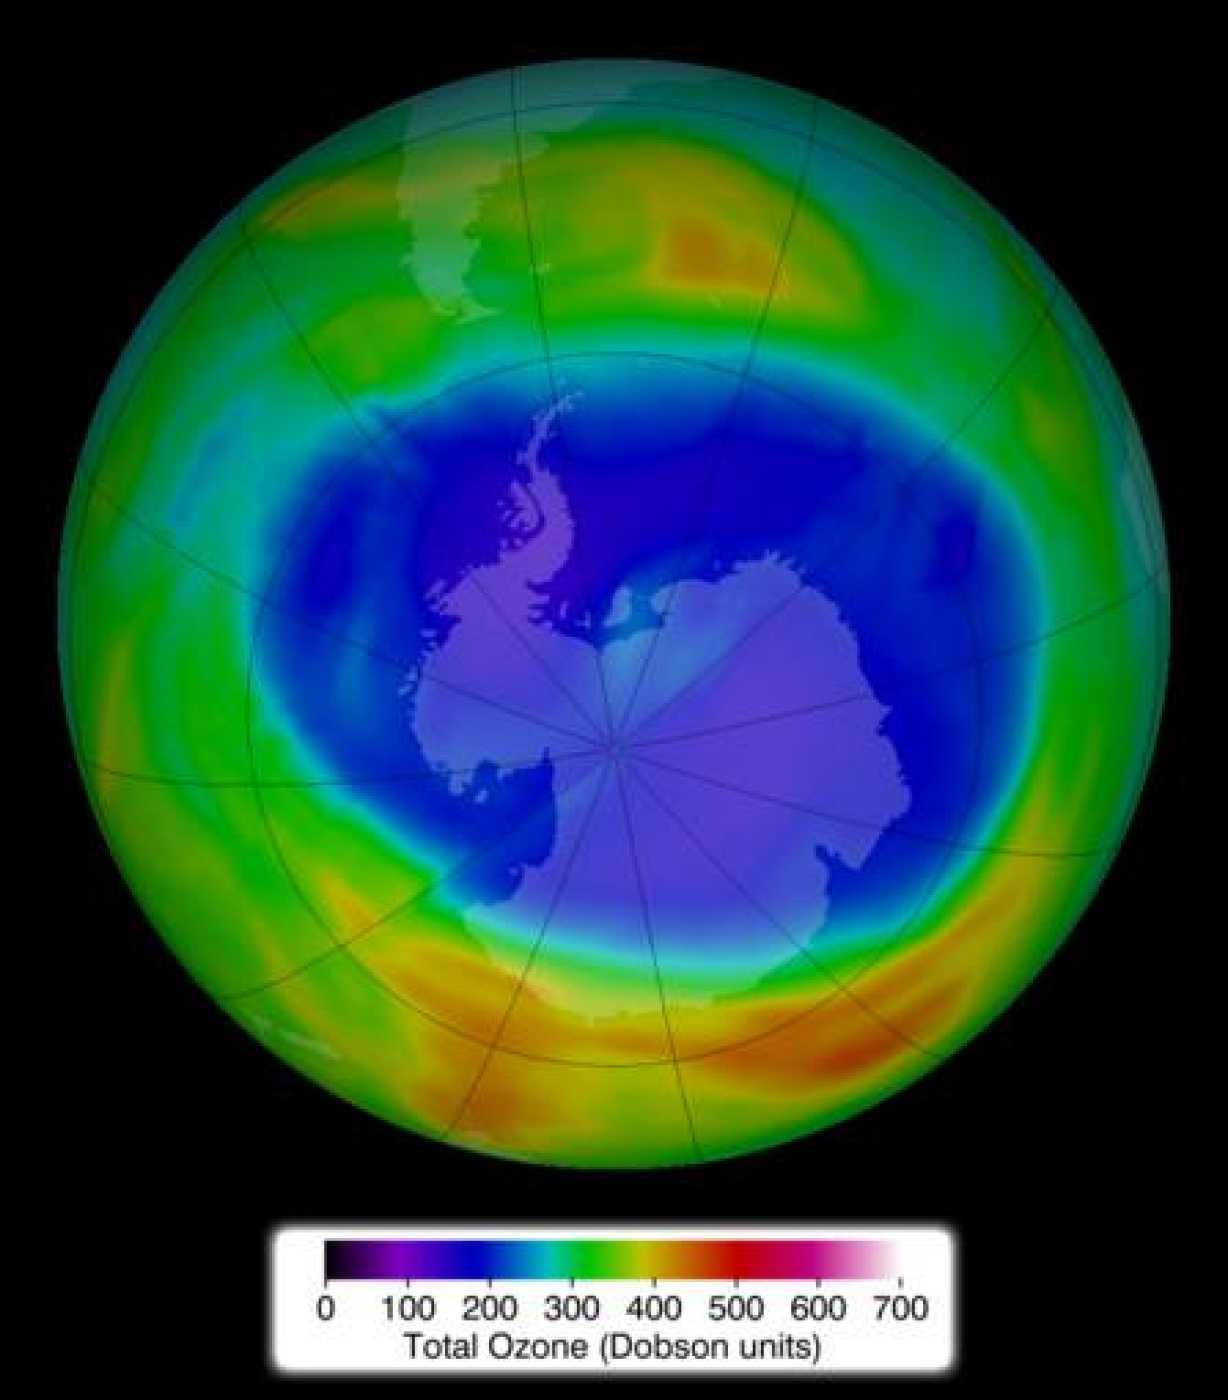 Agujero de la capa de ozono el pasado 11 de septiembre de 2014